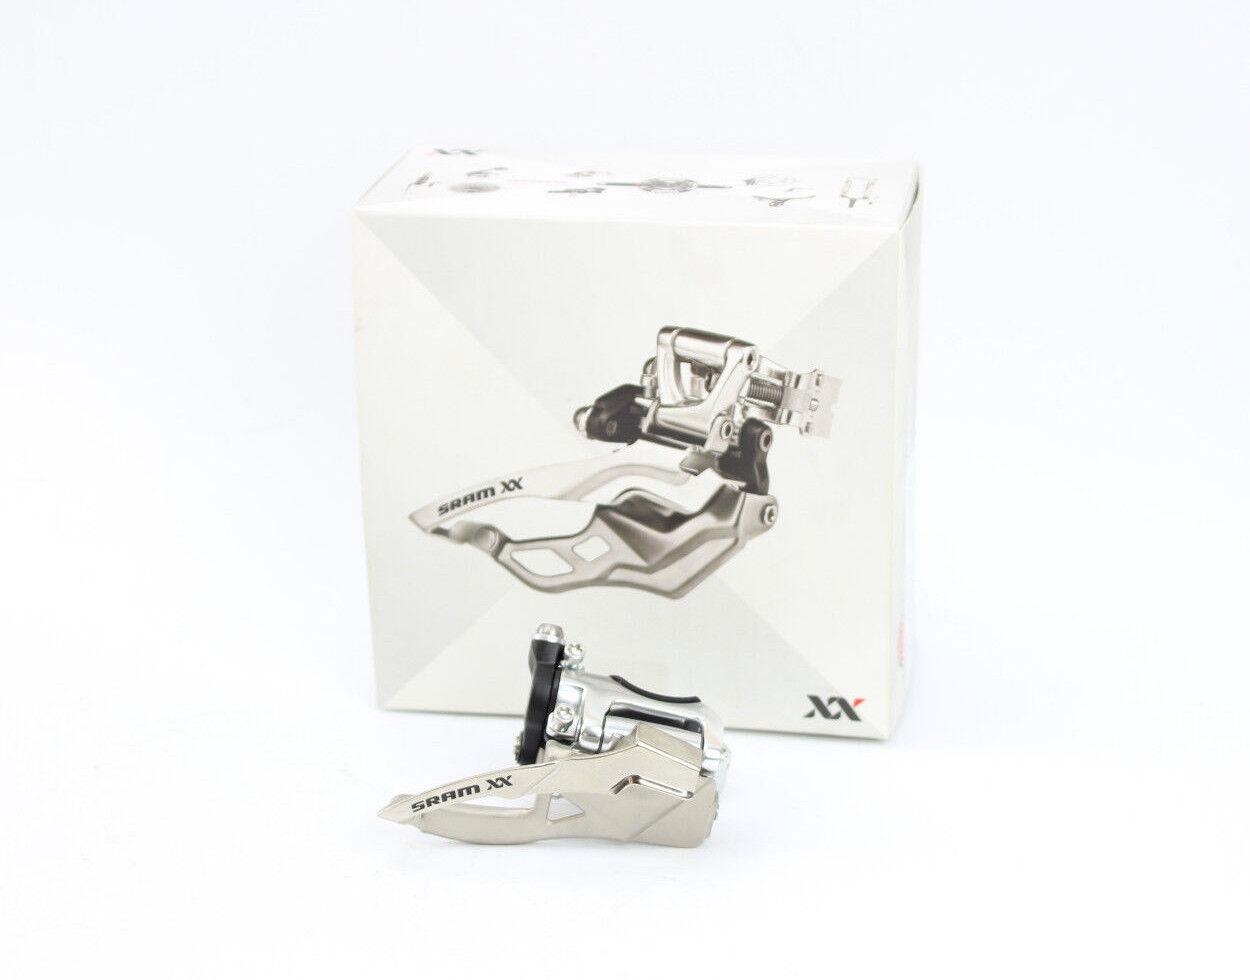 SRAM XX Low Clamp 2x10 Compartiment dérailleur/Nouveau/Bottom Pull 31,8 31,8 31,8 34,9 mm Collier Neuf dans sa boîte fe5b8b